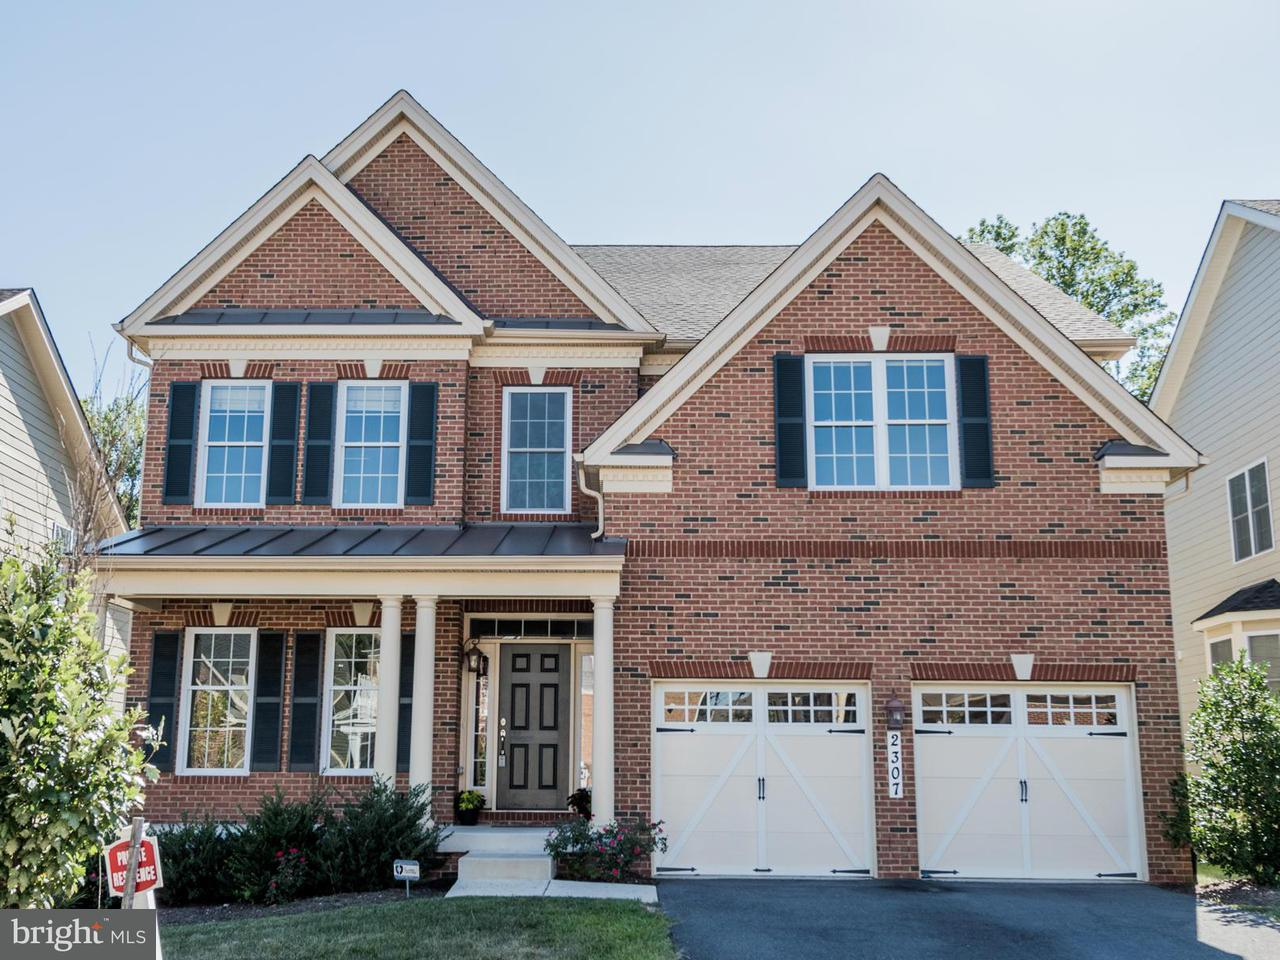 Частный односемейный дом для того Продажа на 2307 SYCAMORE Place 2307 SYCAMORE Place Hanover, Мэриленд 21076 Соединенные Штаты